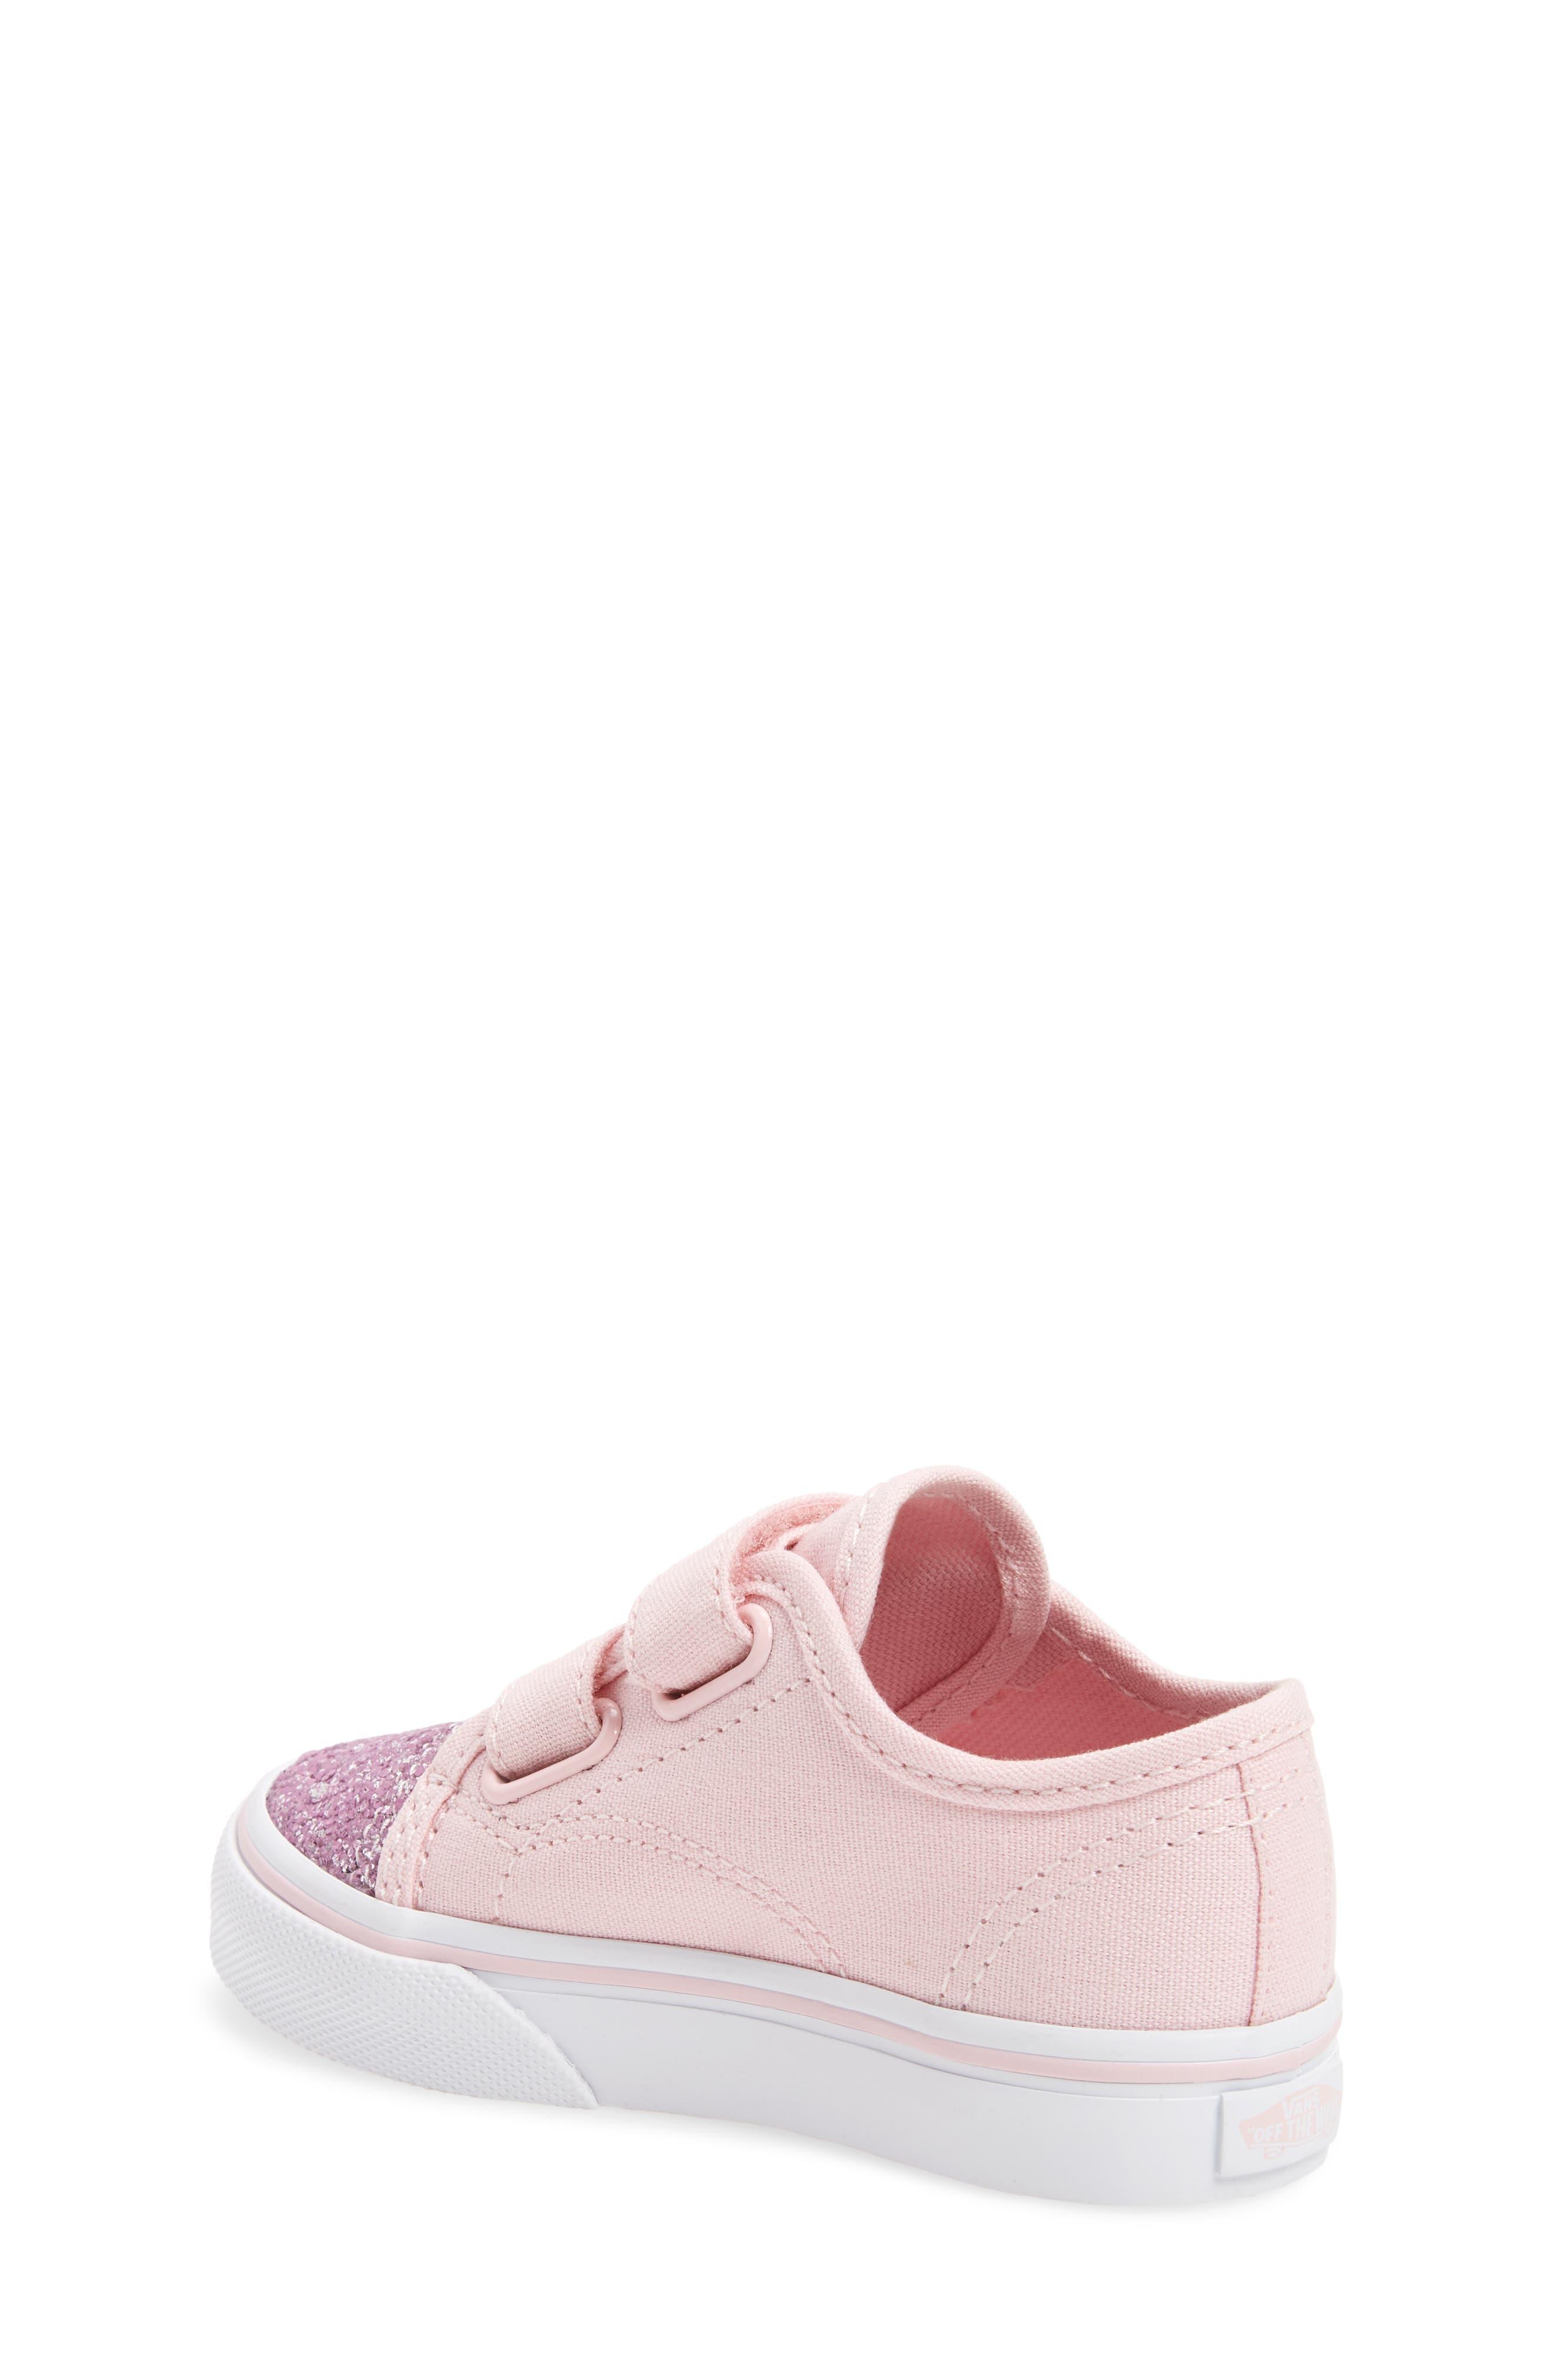 Glitter Toe Style 23 V Sneaker,                             Alternate thumbnail 2, color,                             Glitter Chalk Pink/ True White